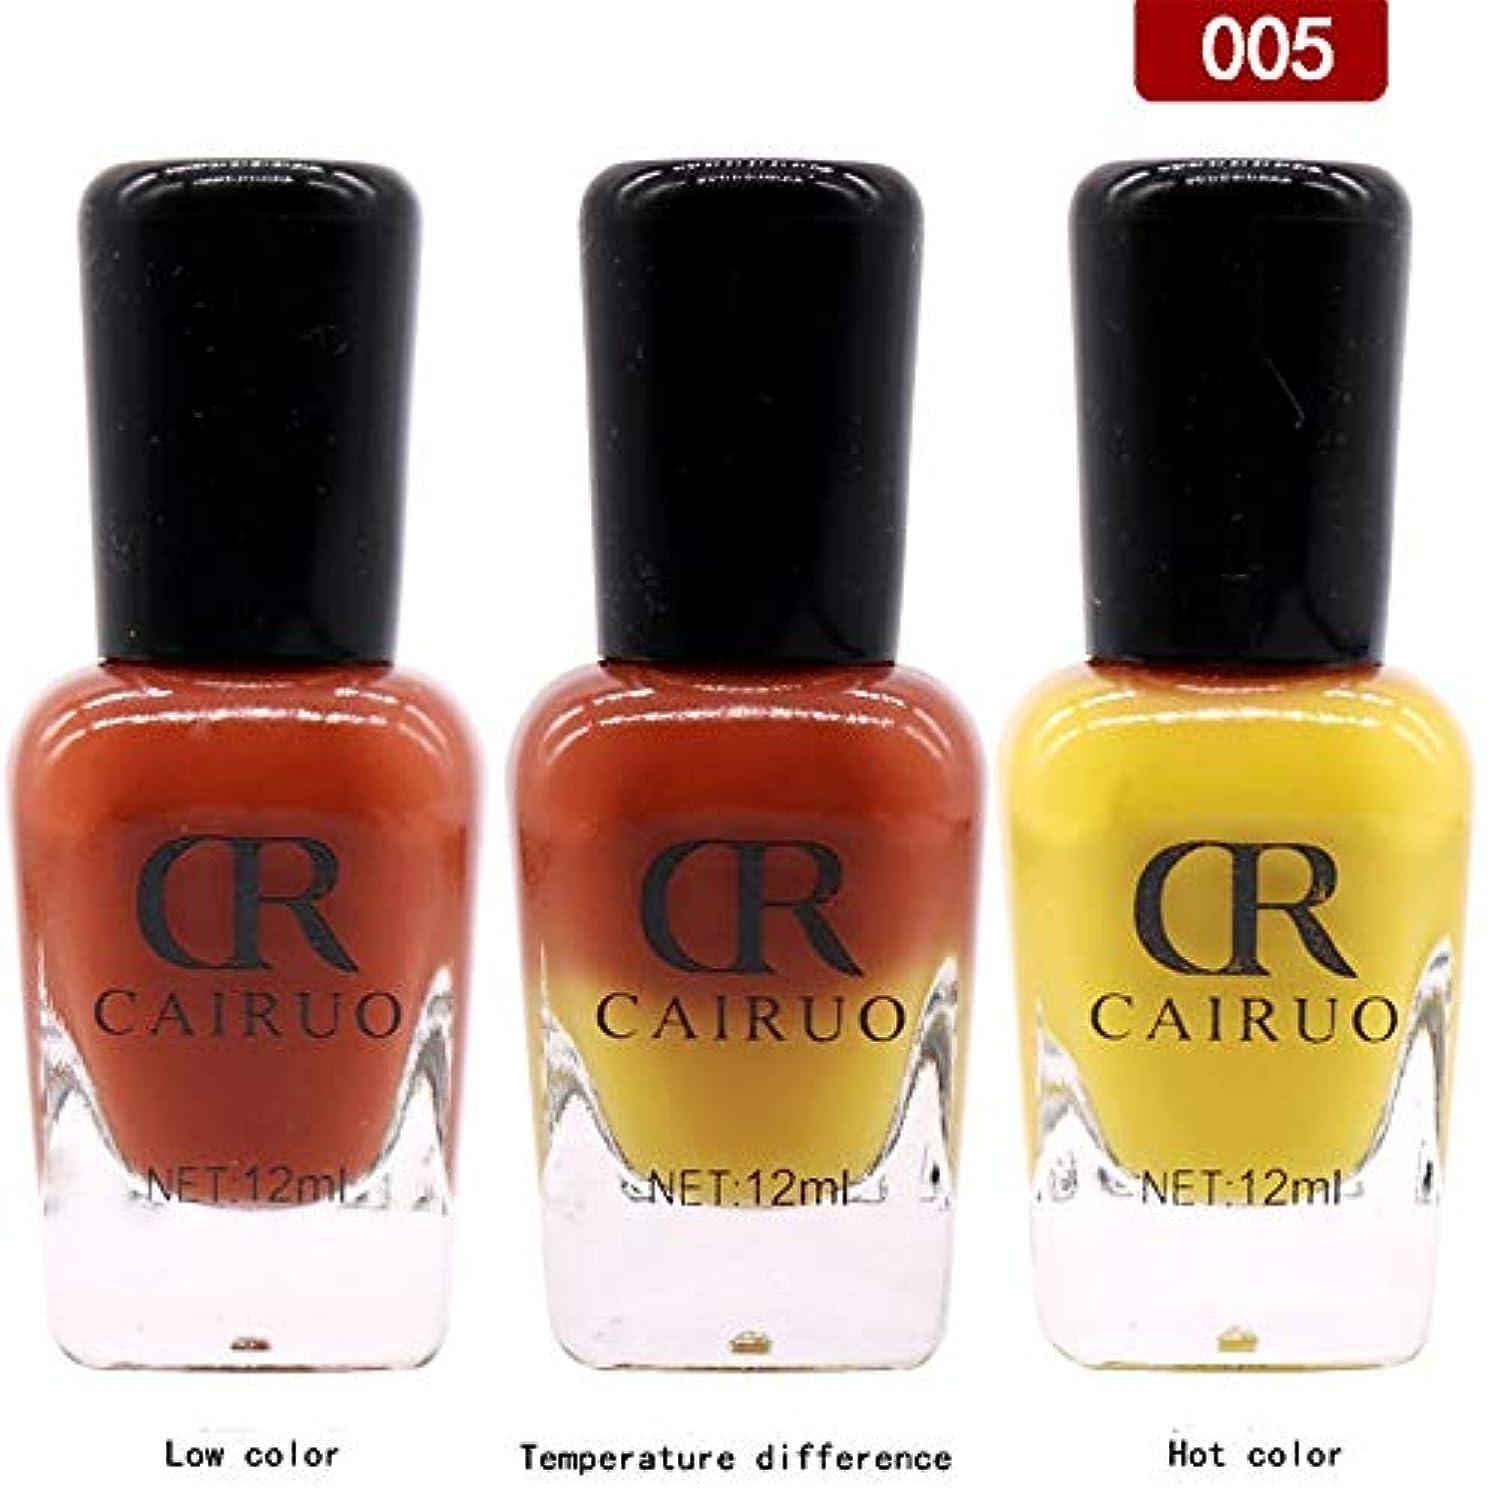 種類批判的に外交官カラージェル 温度により色が変化 カメレオンジェルネイル 剥離可能 ネイルアート 12ml/本 (005)